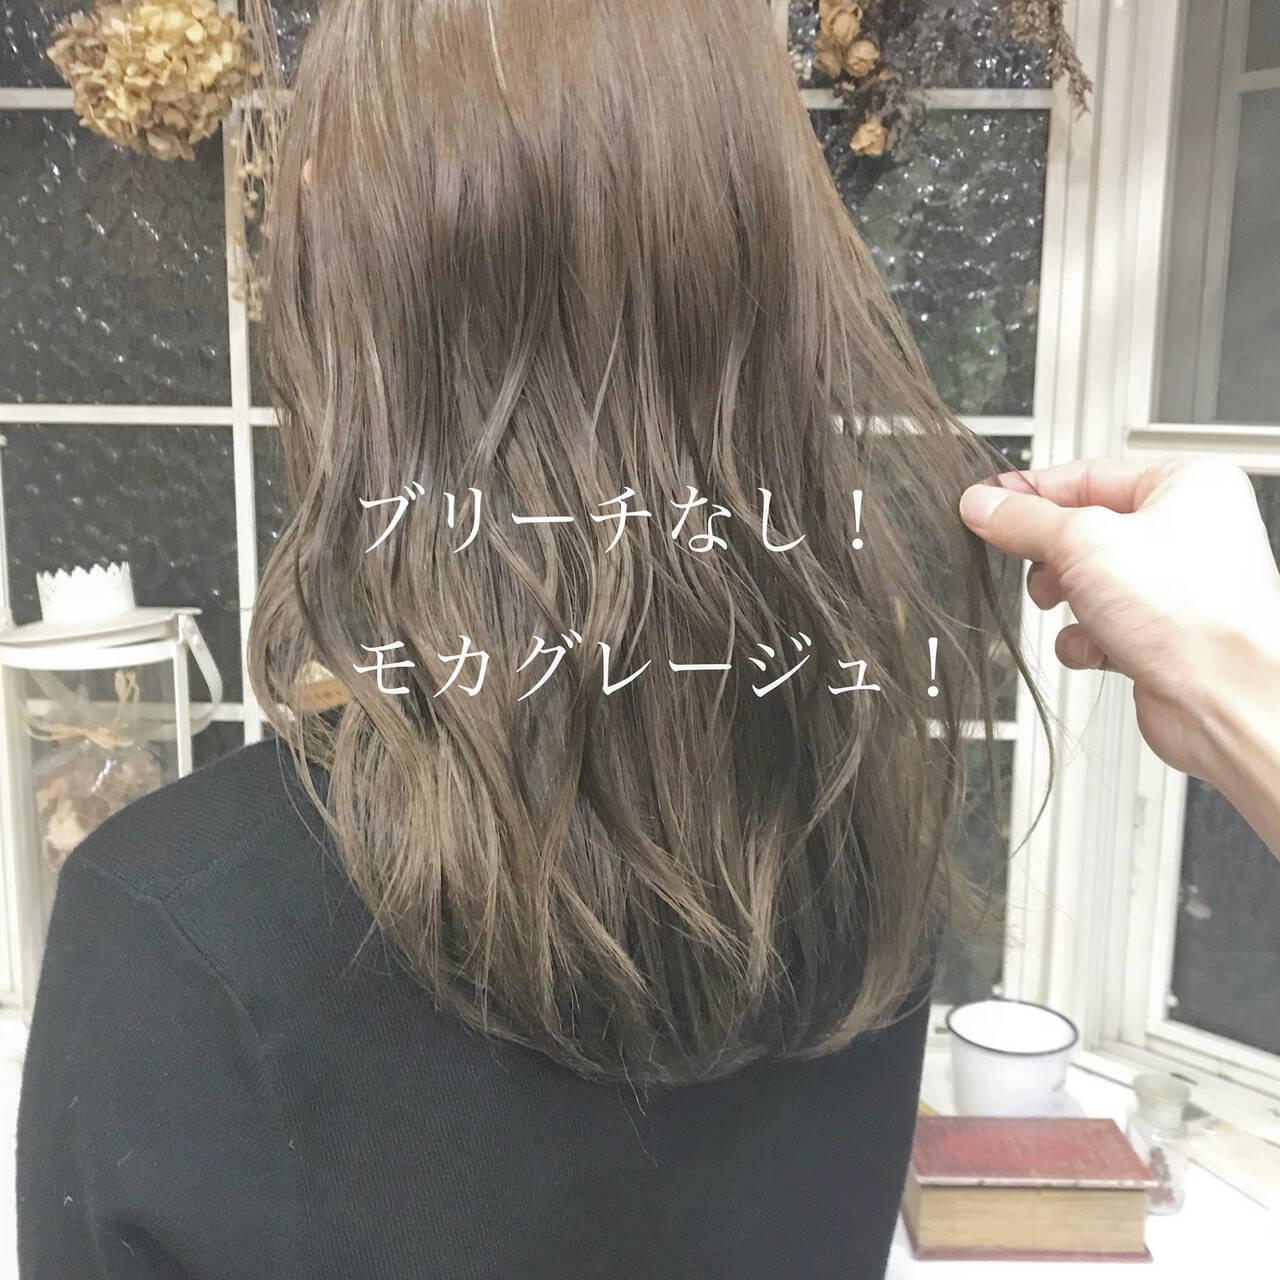 ナチュラル ミルクティーベージュ ロング ブリーチなしヘアスタイルや髪型の写真・画像